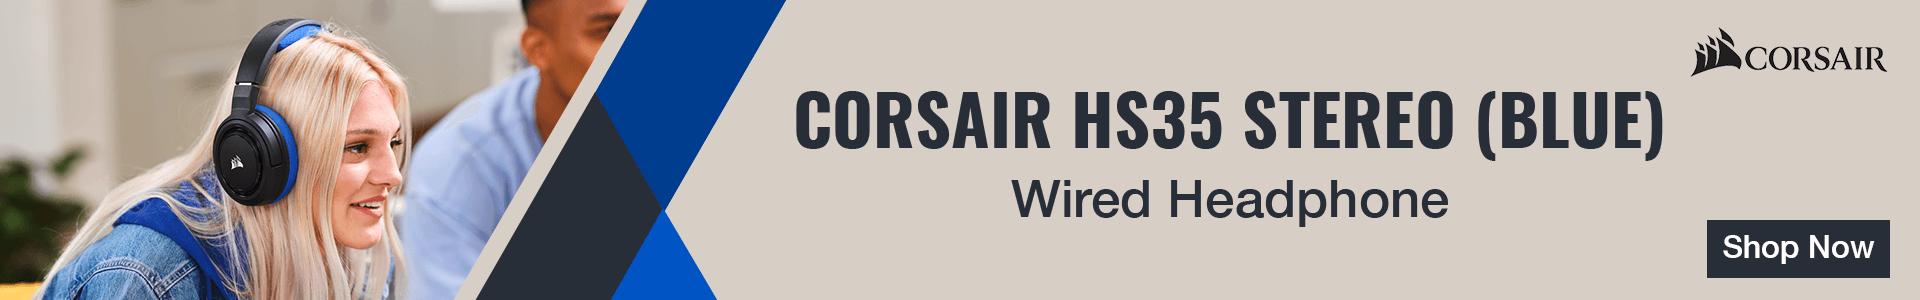 Corsair HS35